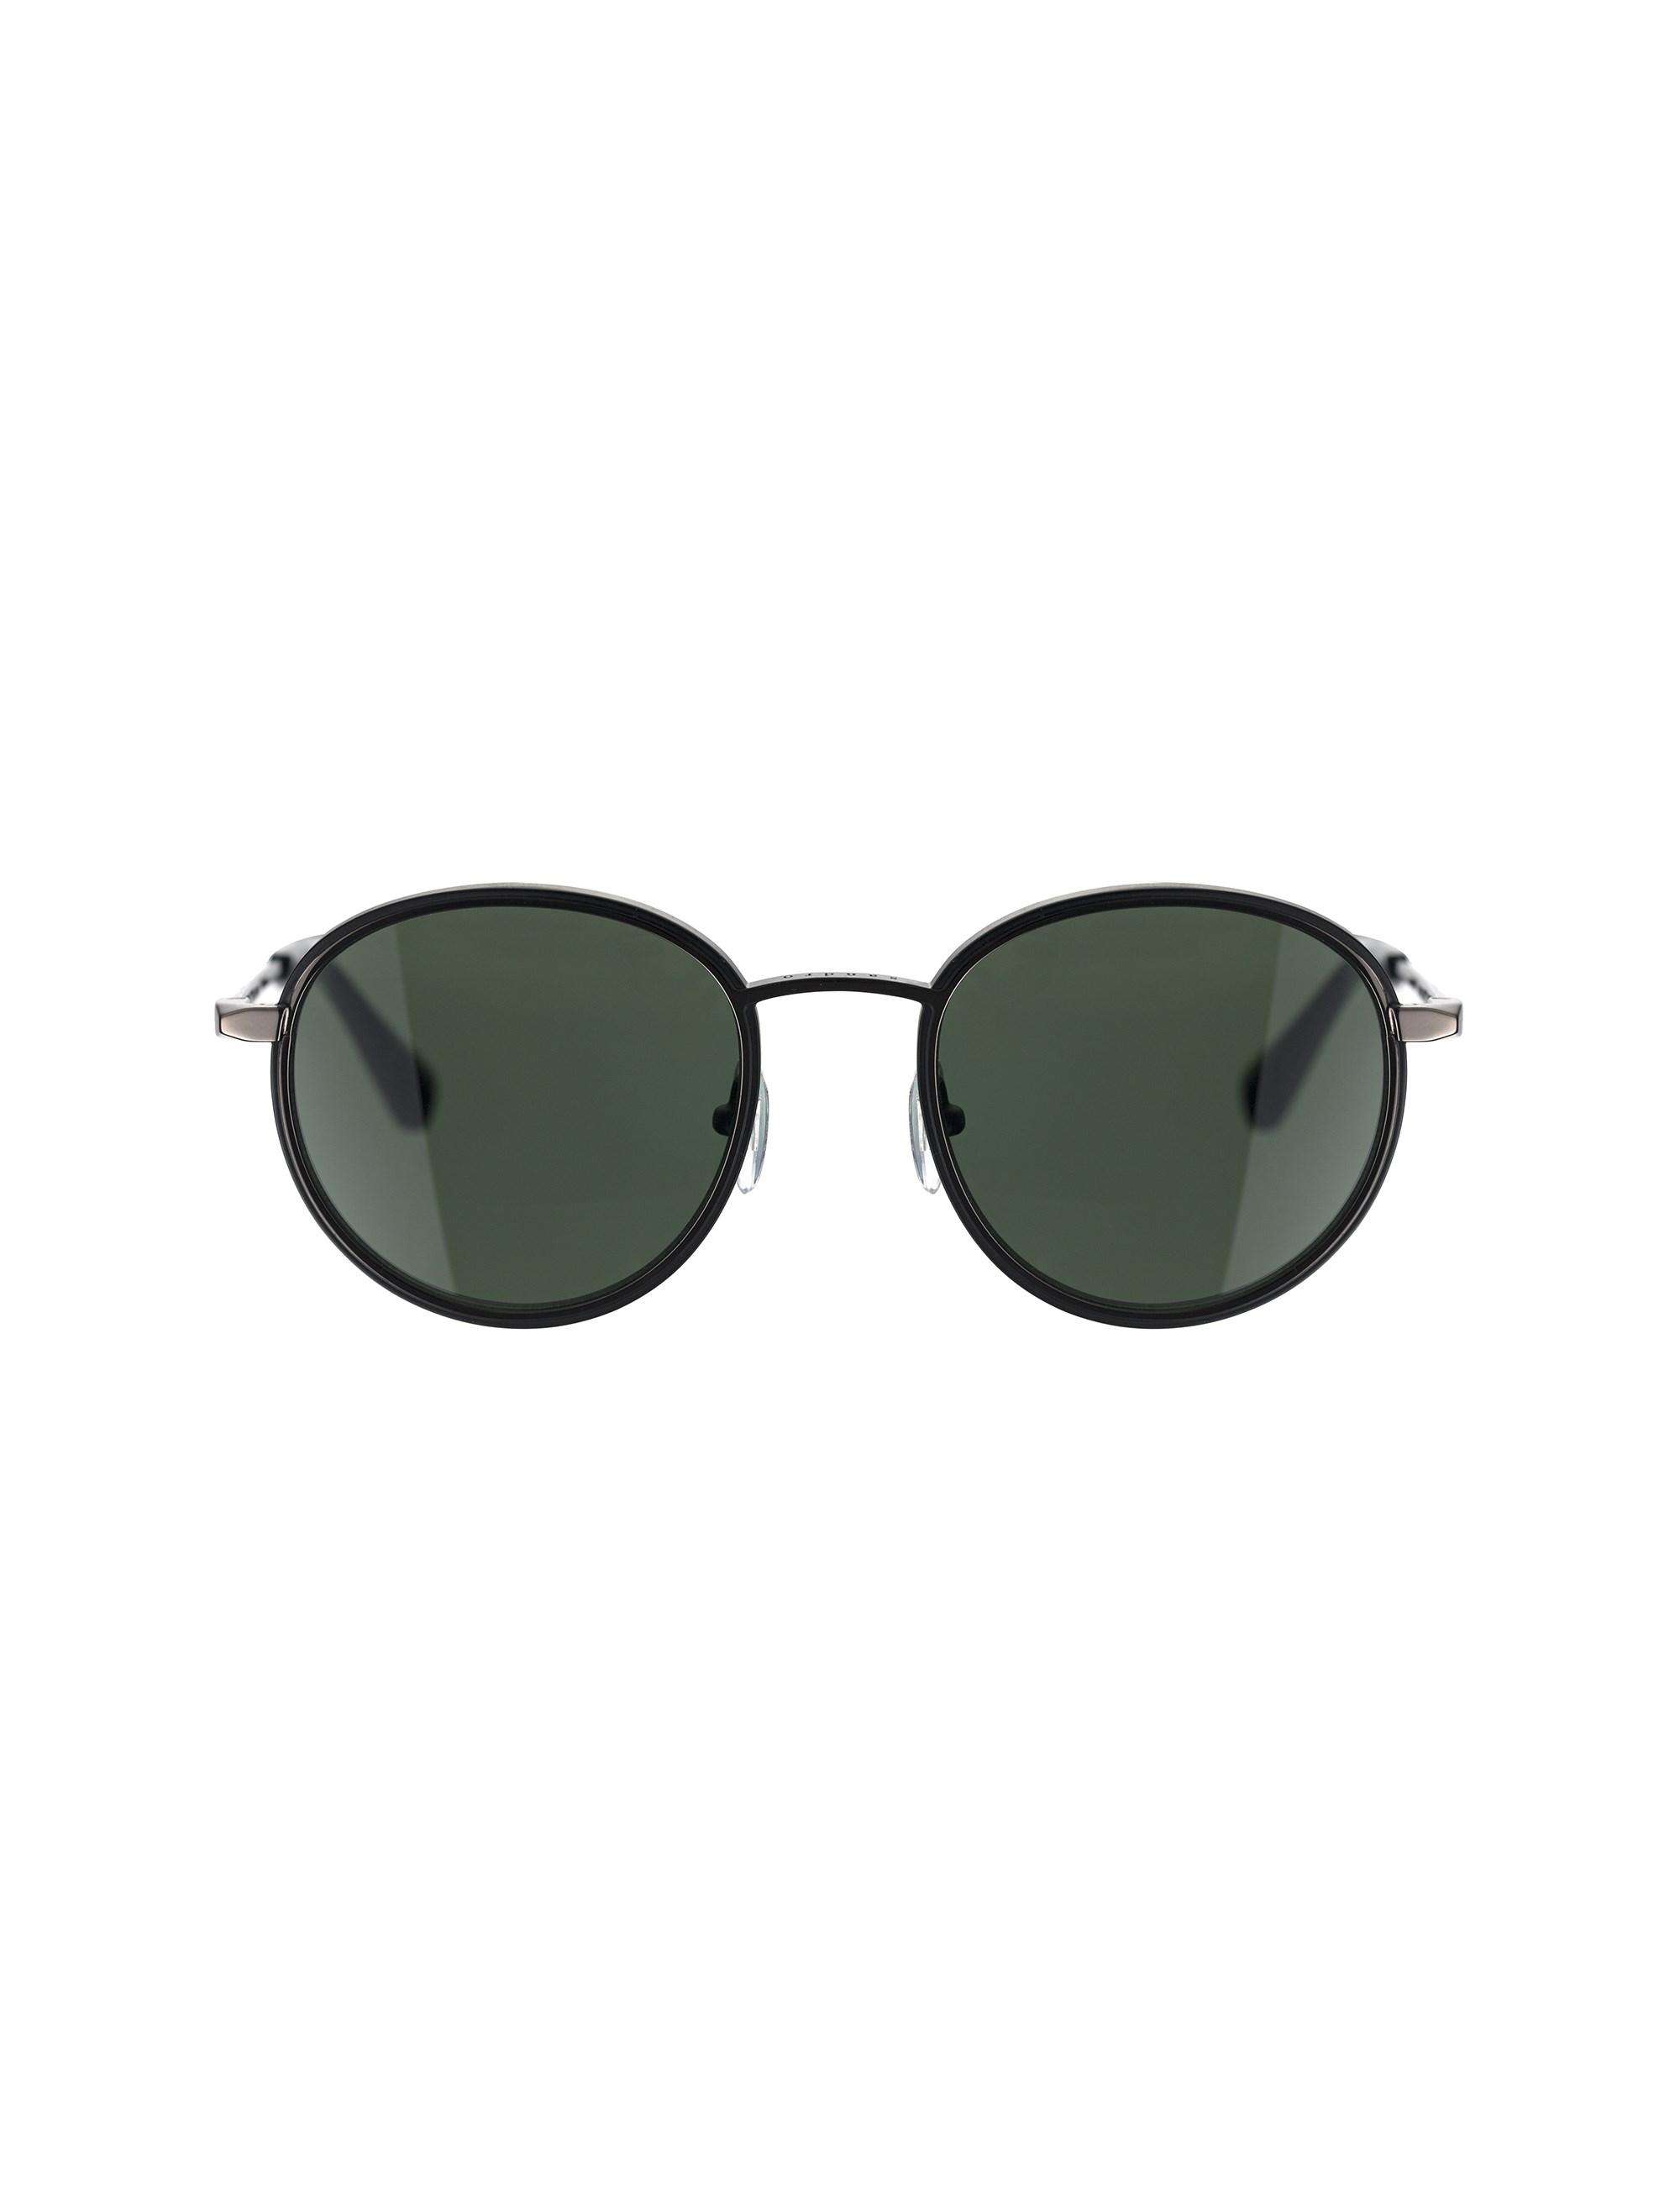 قیمت عینک آفتابی گرد زنانه - ساندرو